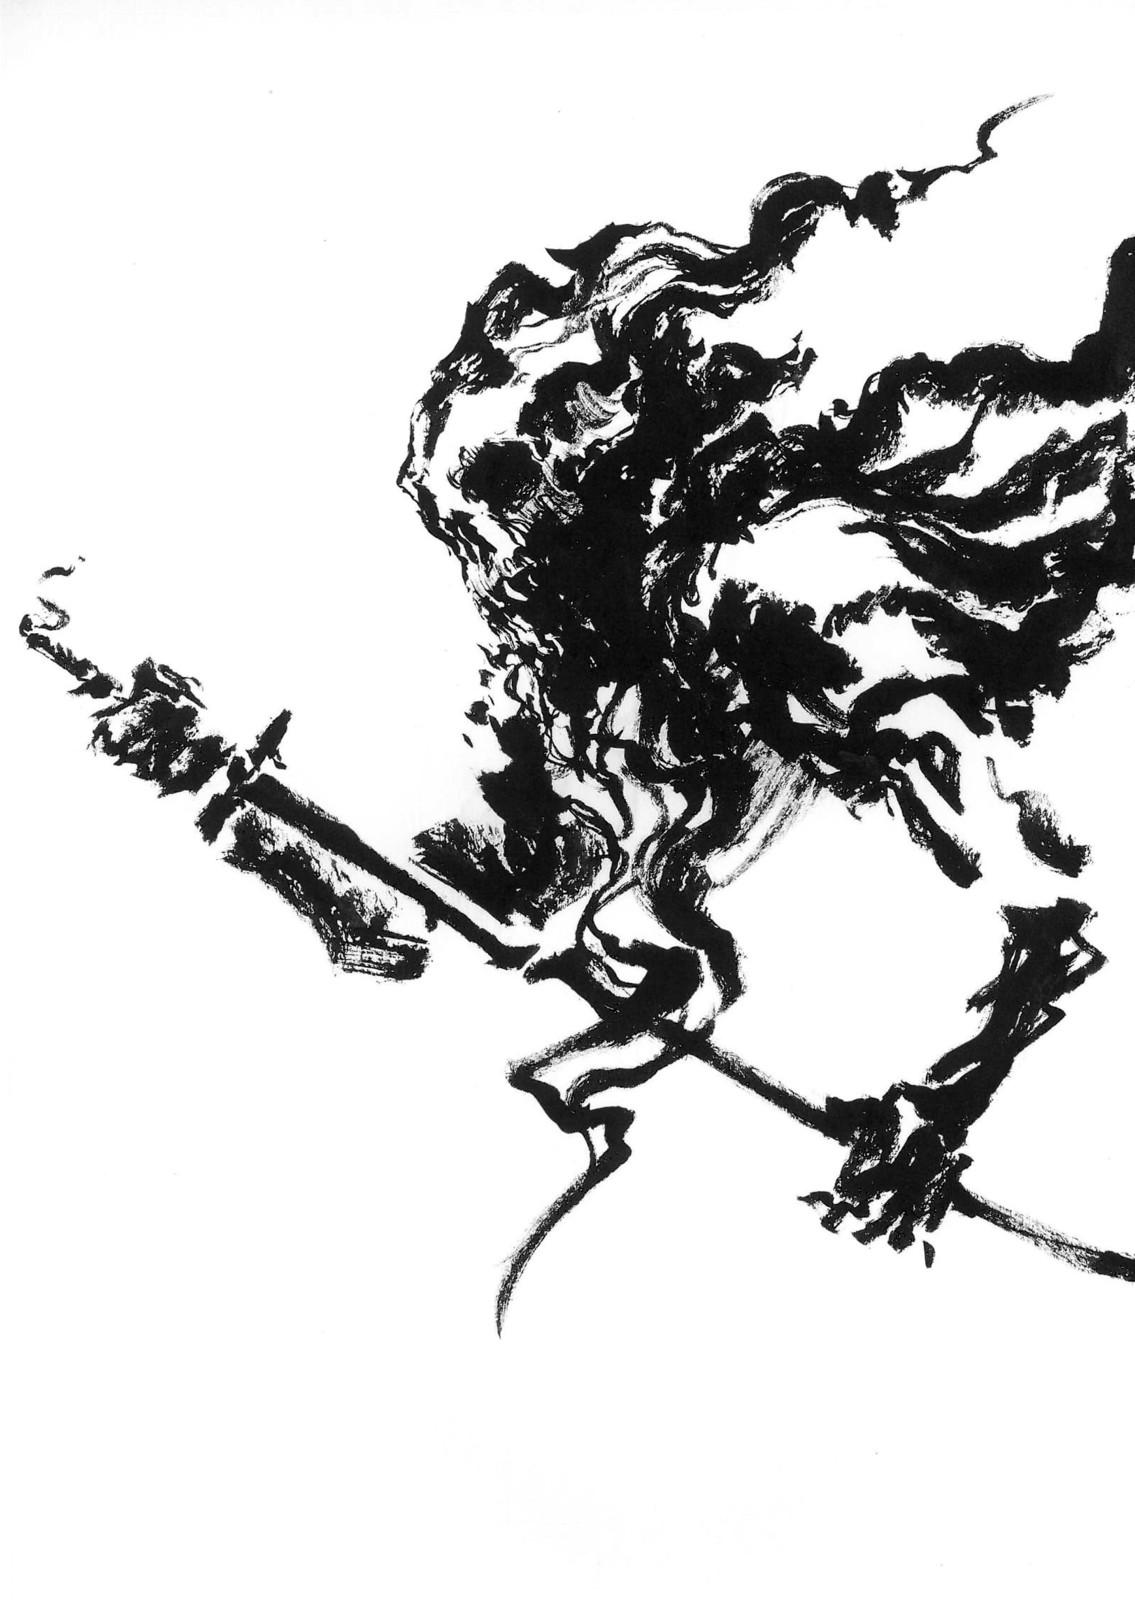 Lee Dabeen. Skull Swordman. 2018. Pen on paper, 297 x 210 mm.